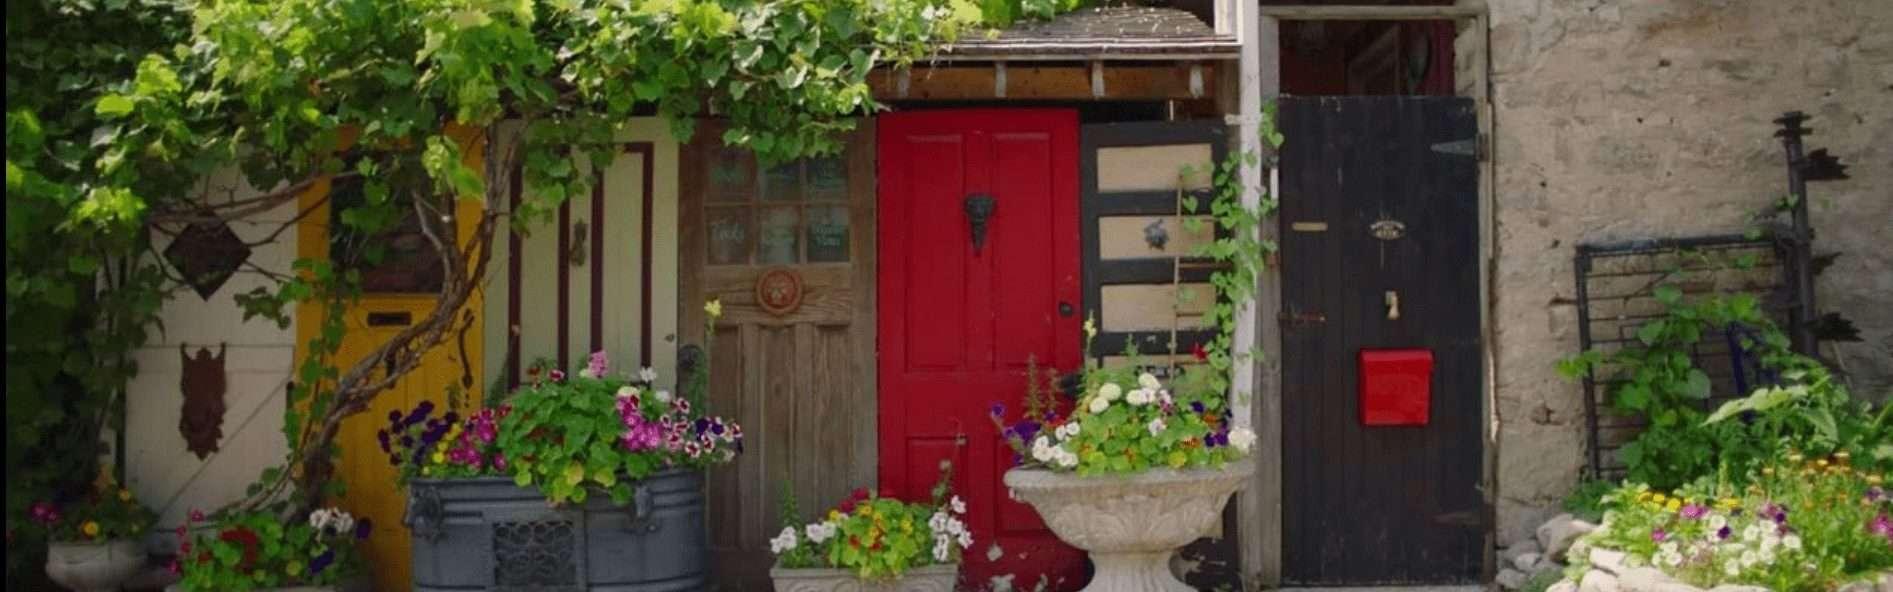 Seven doors Elora and Fergus